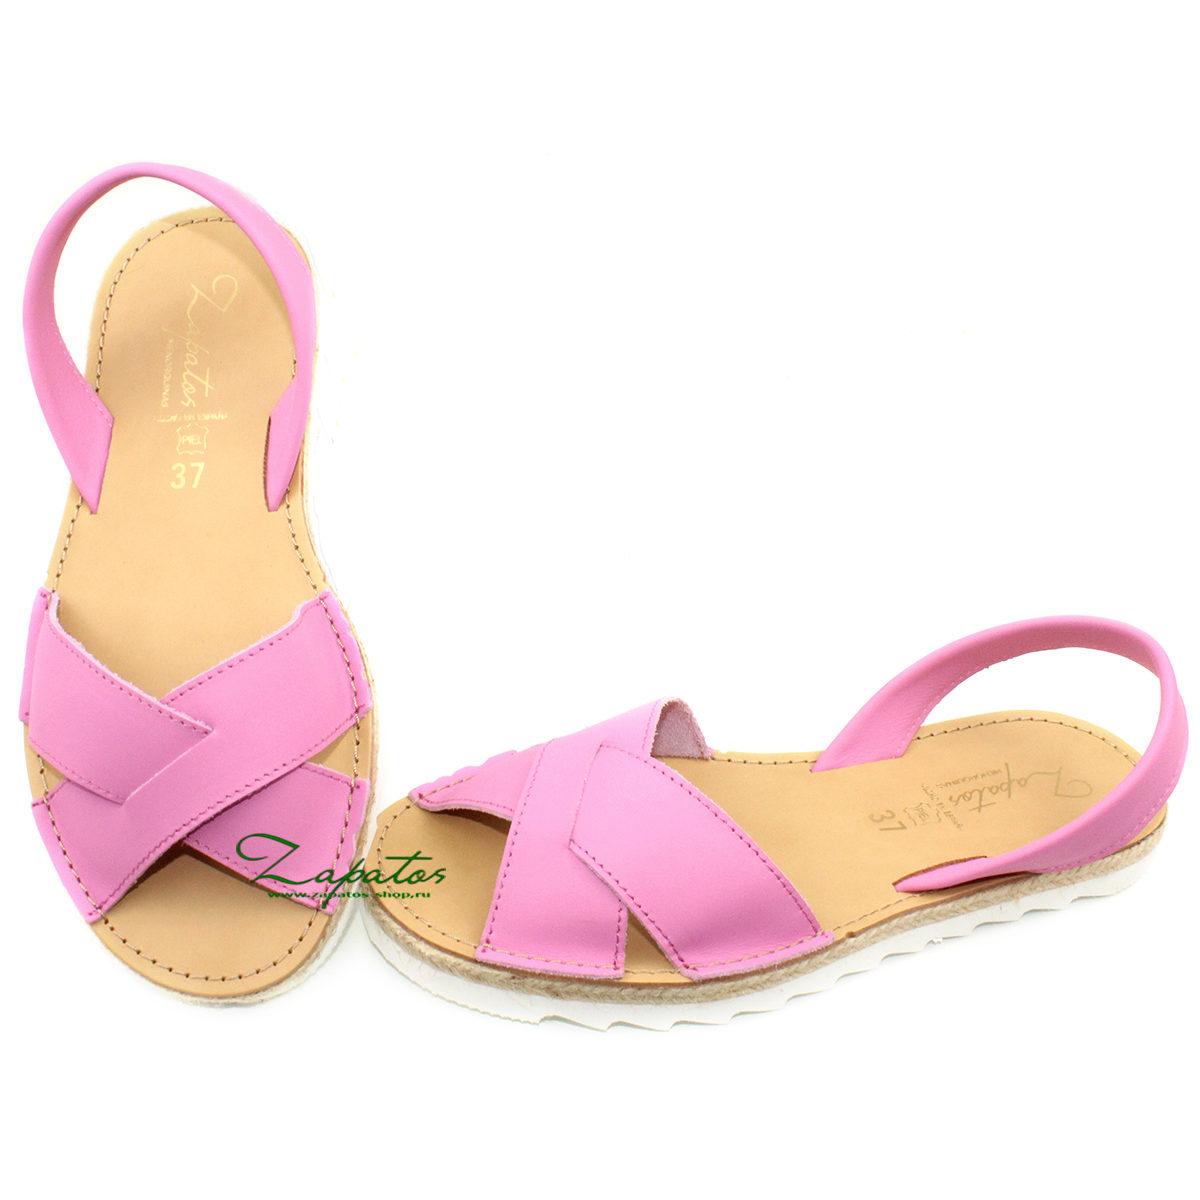 Абаркасы Zapatos Cruz-Yute fuxia